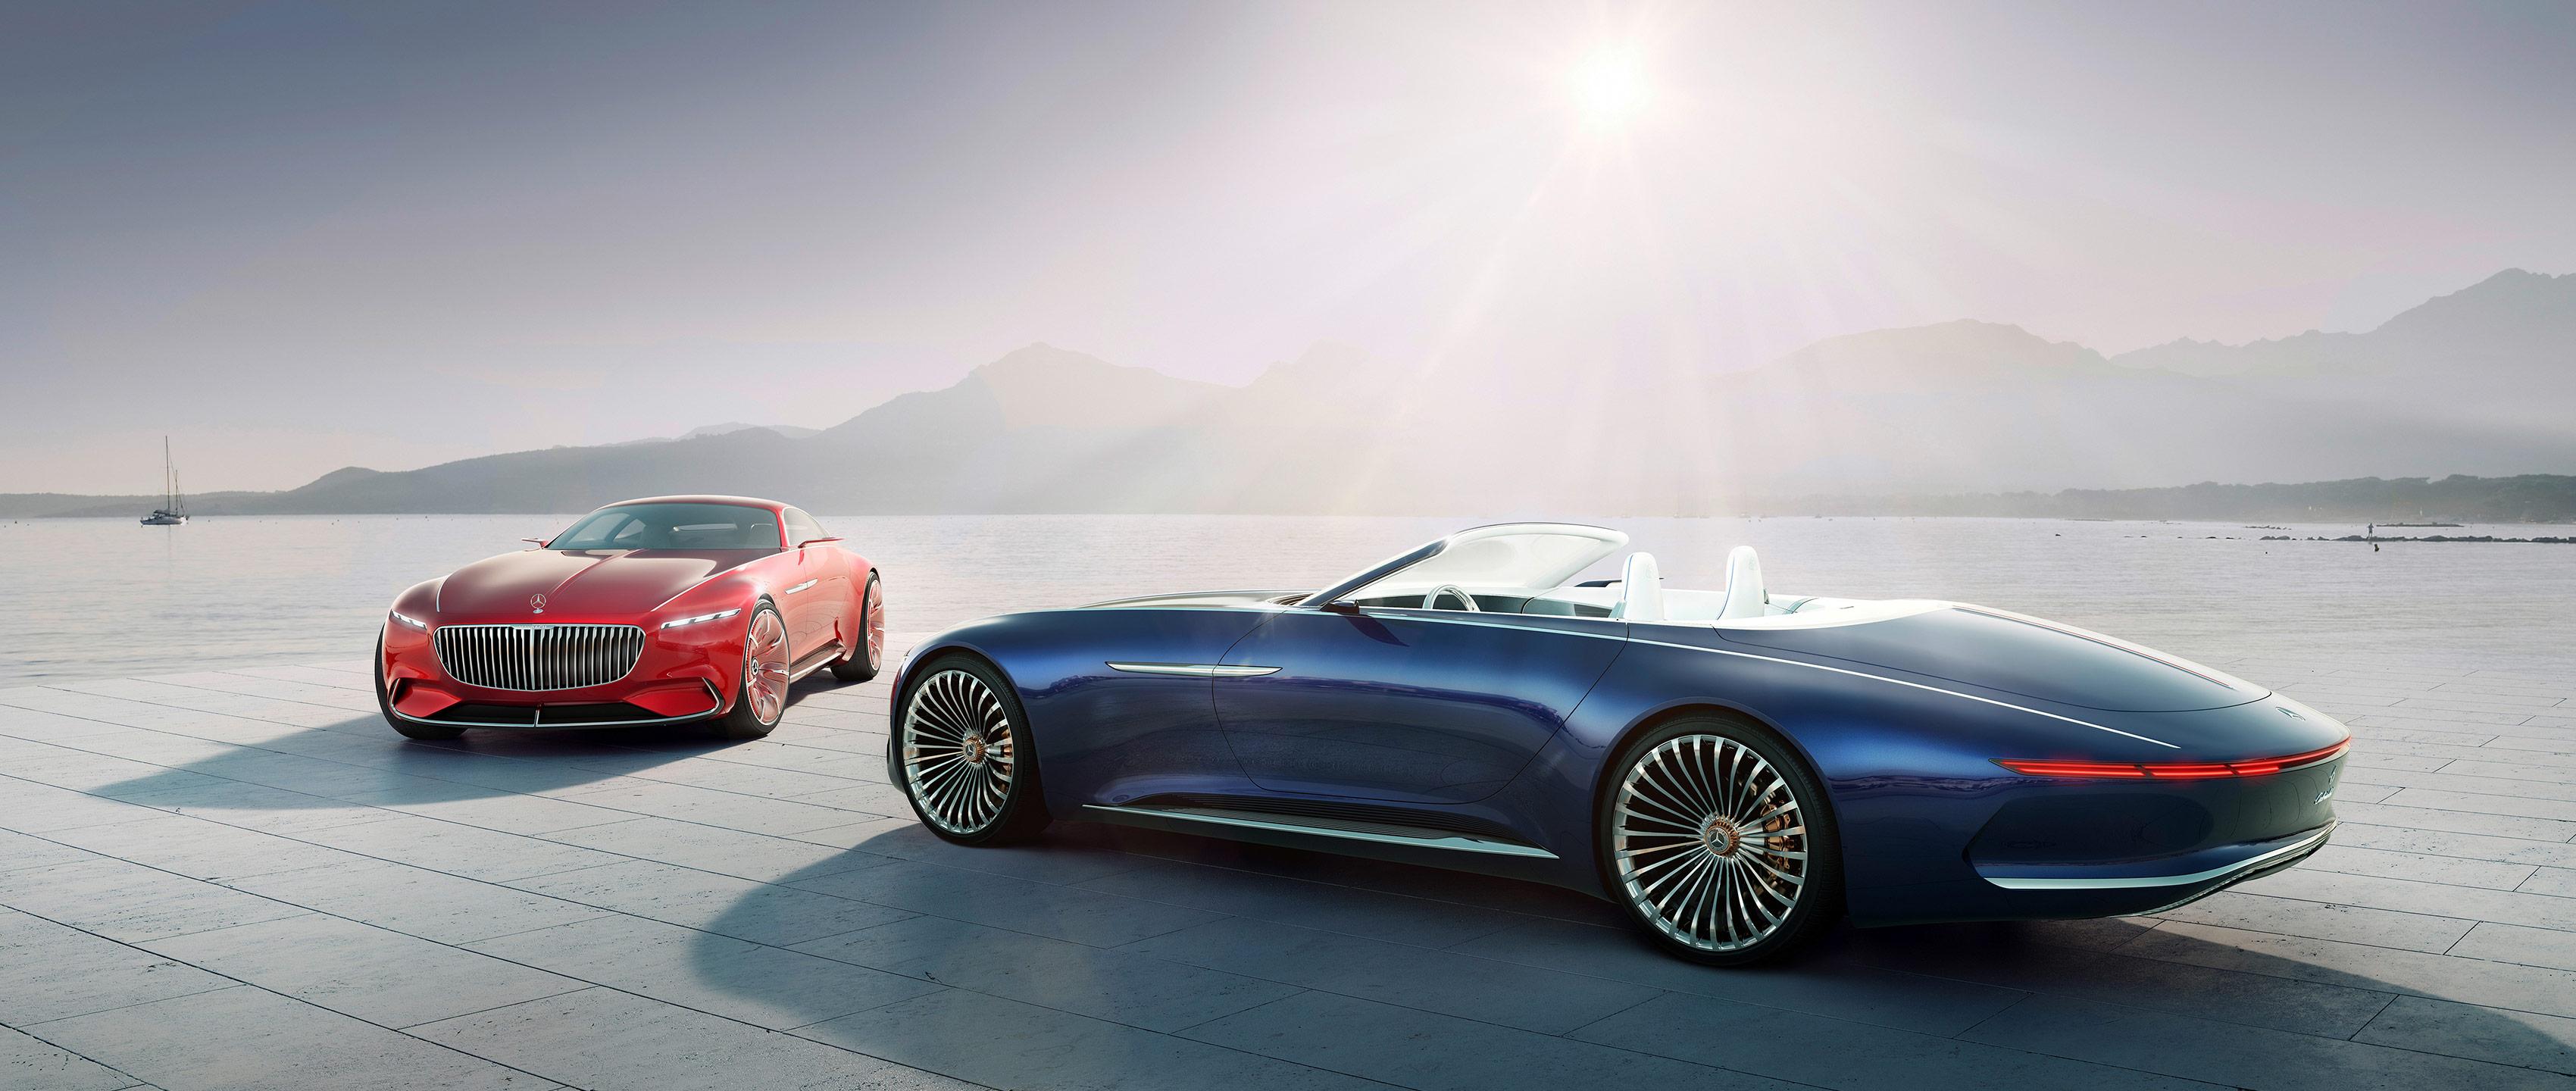 Fancy A 20 Foot Convertible Mercedes Unveils Luxury Concept Car